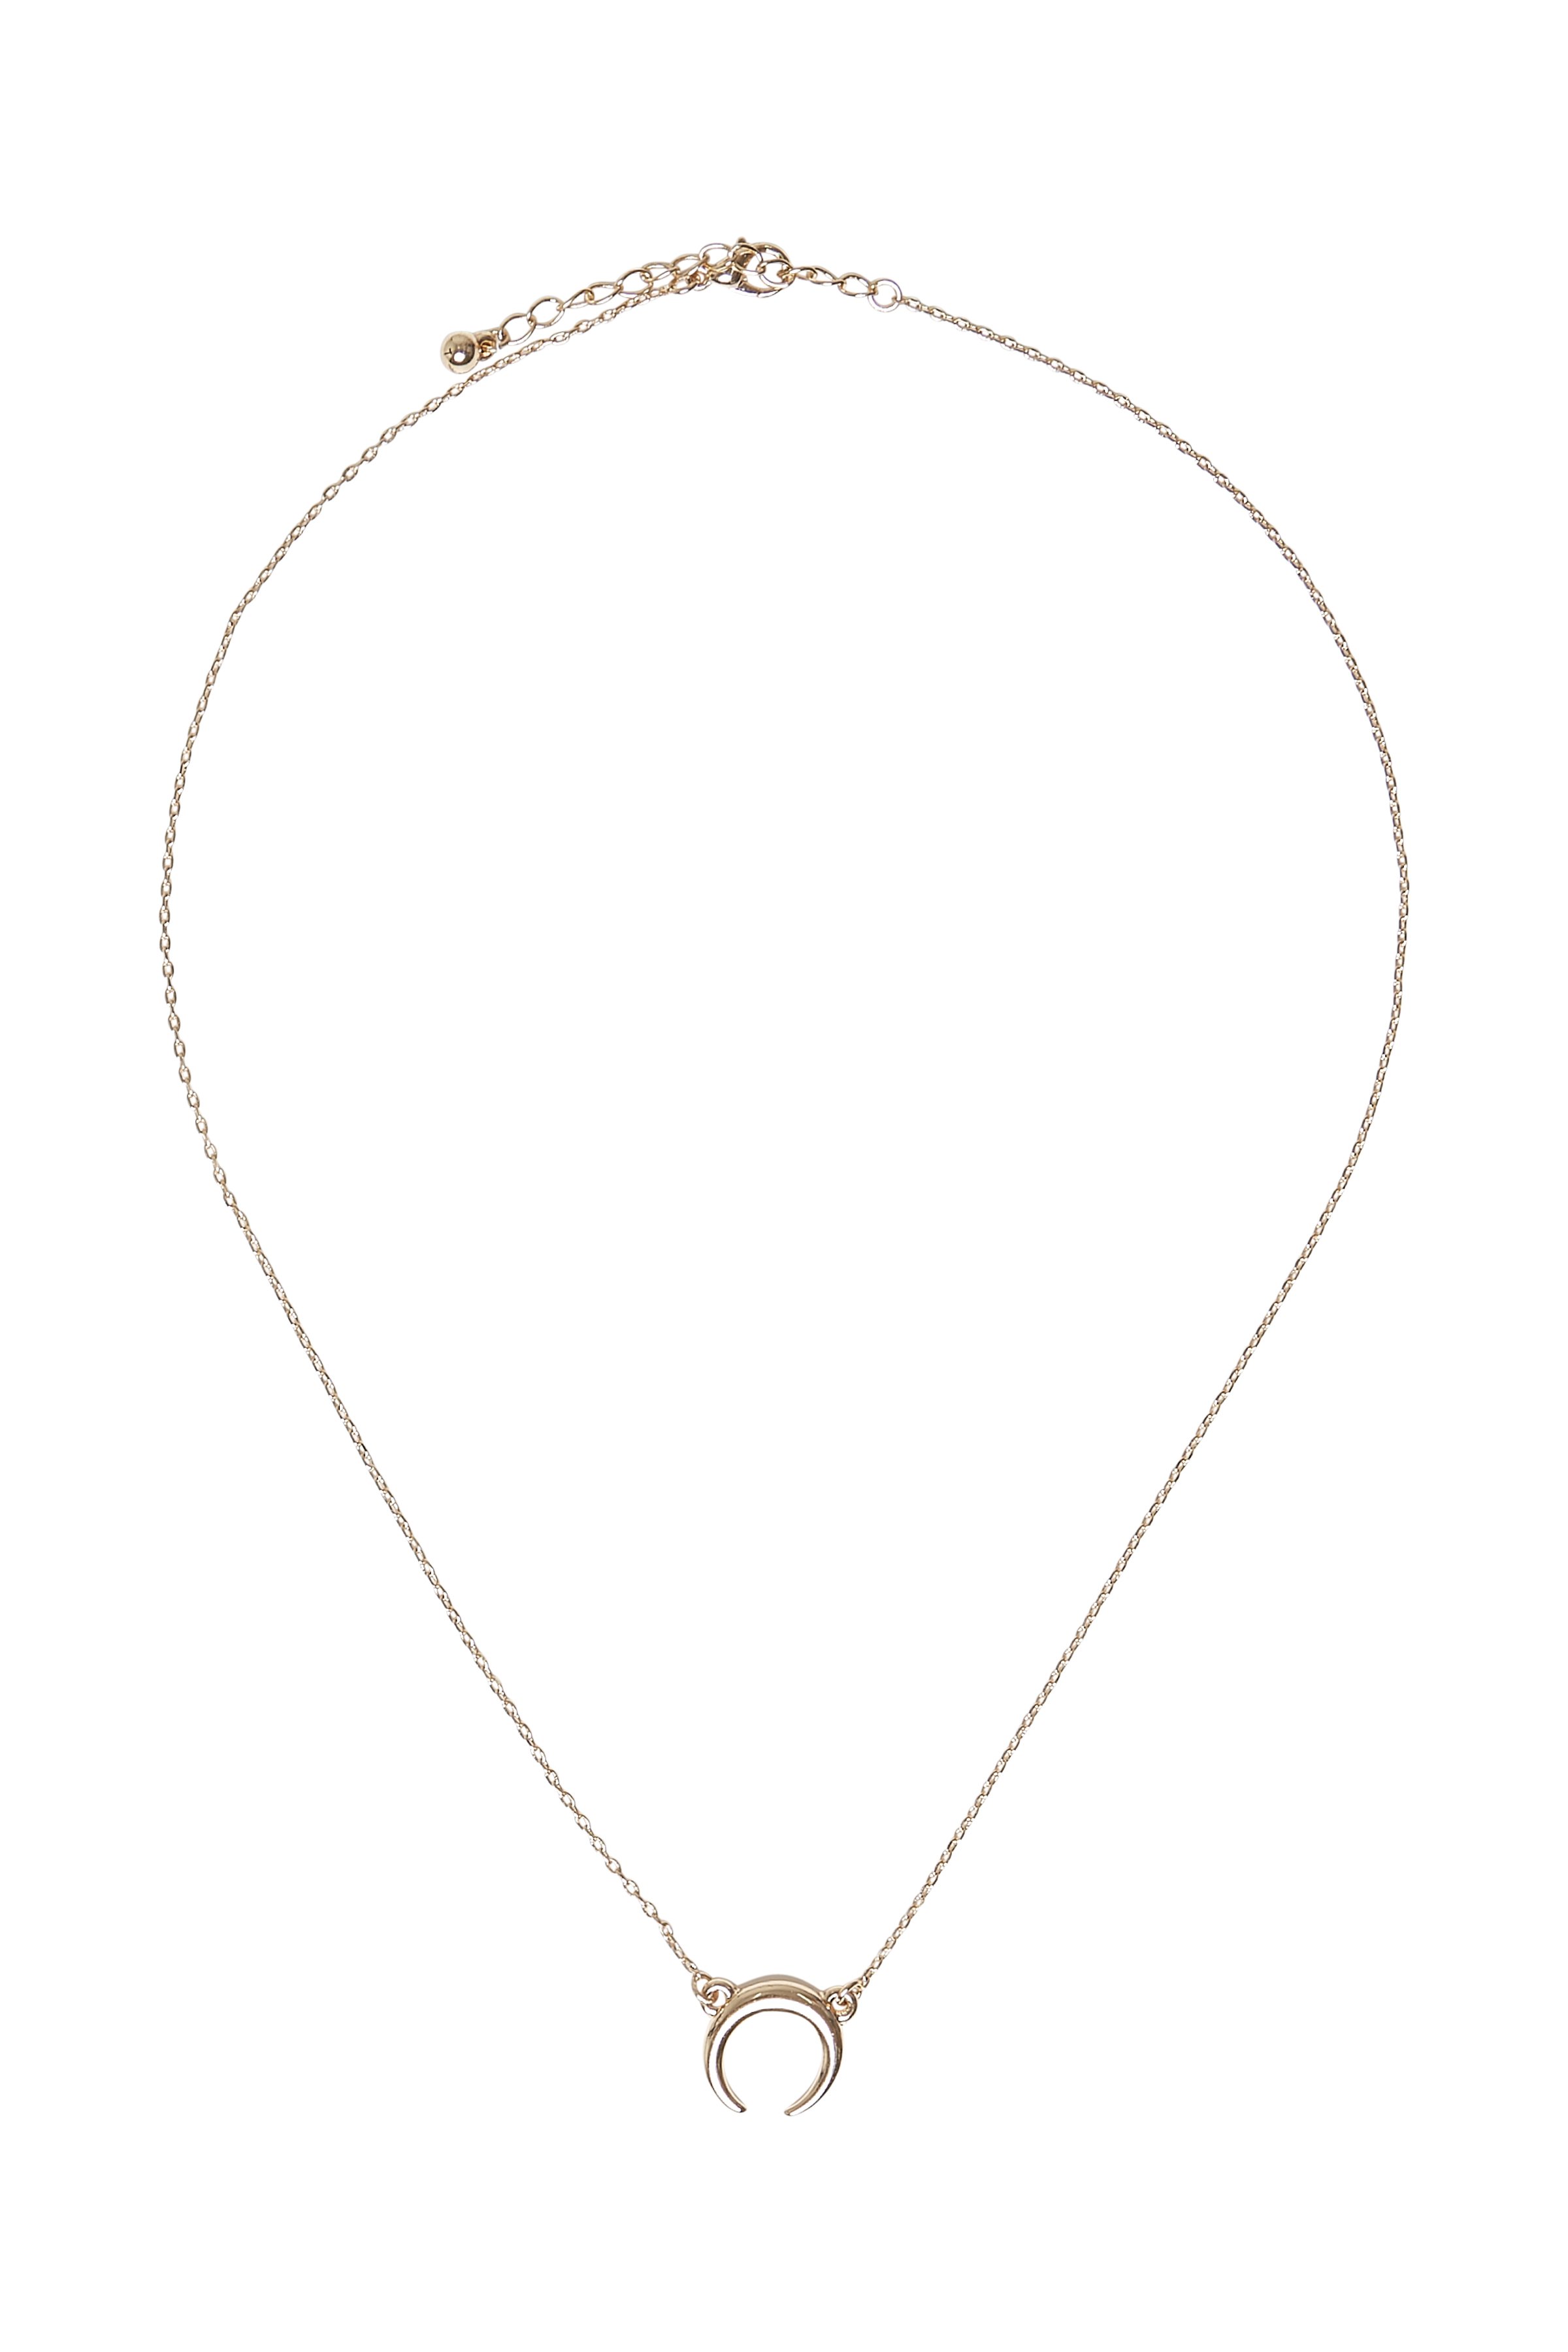 Image of Fransa Dame Fransa halskæde med et vedhæng formet som en halv cirkel. Perfekt til både hverdag og fest. - Guld